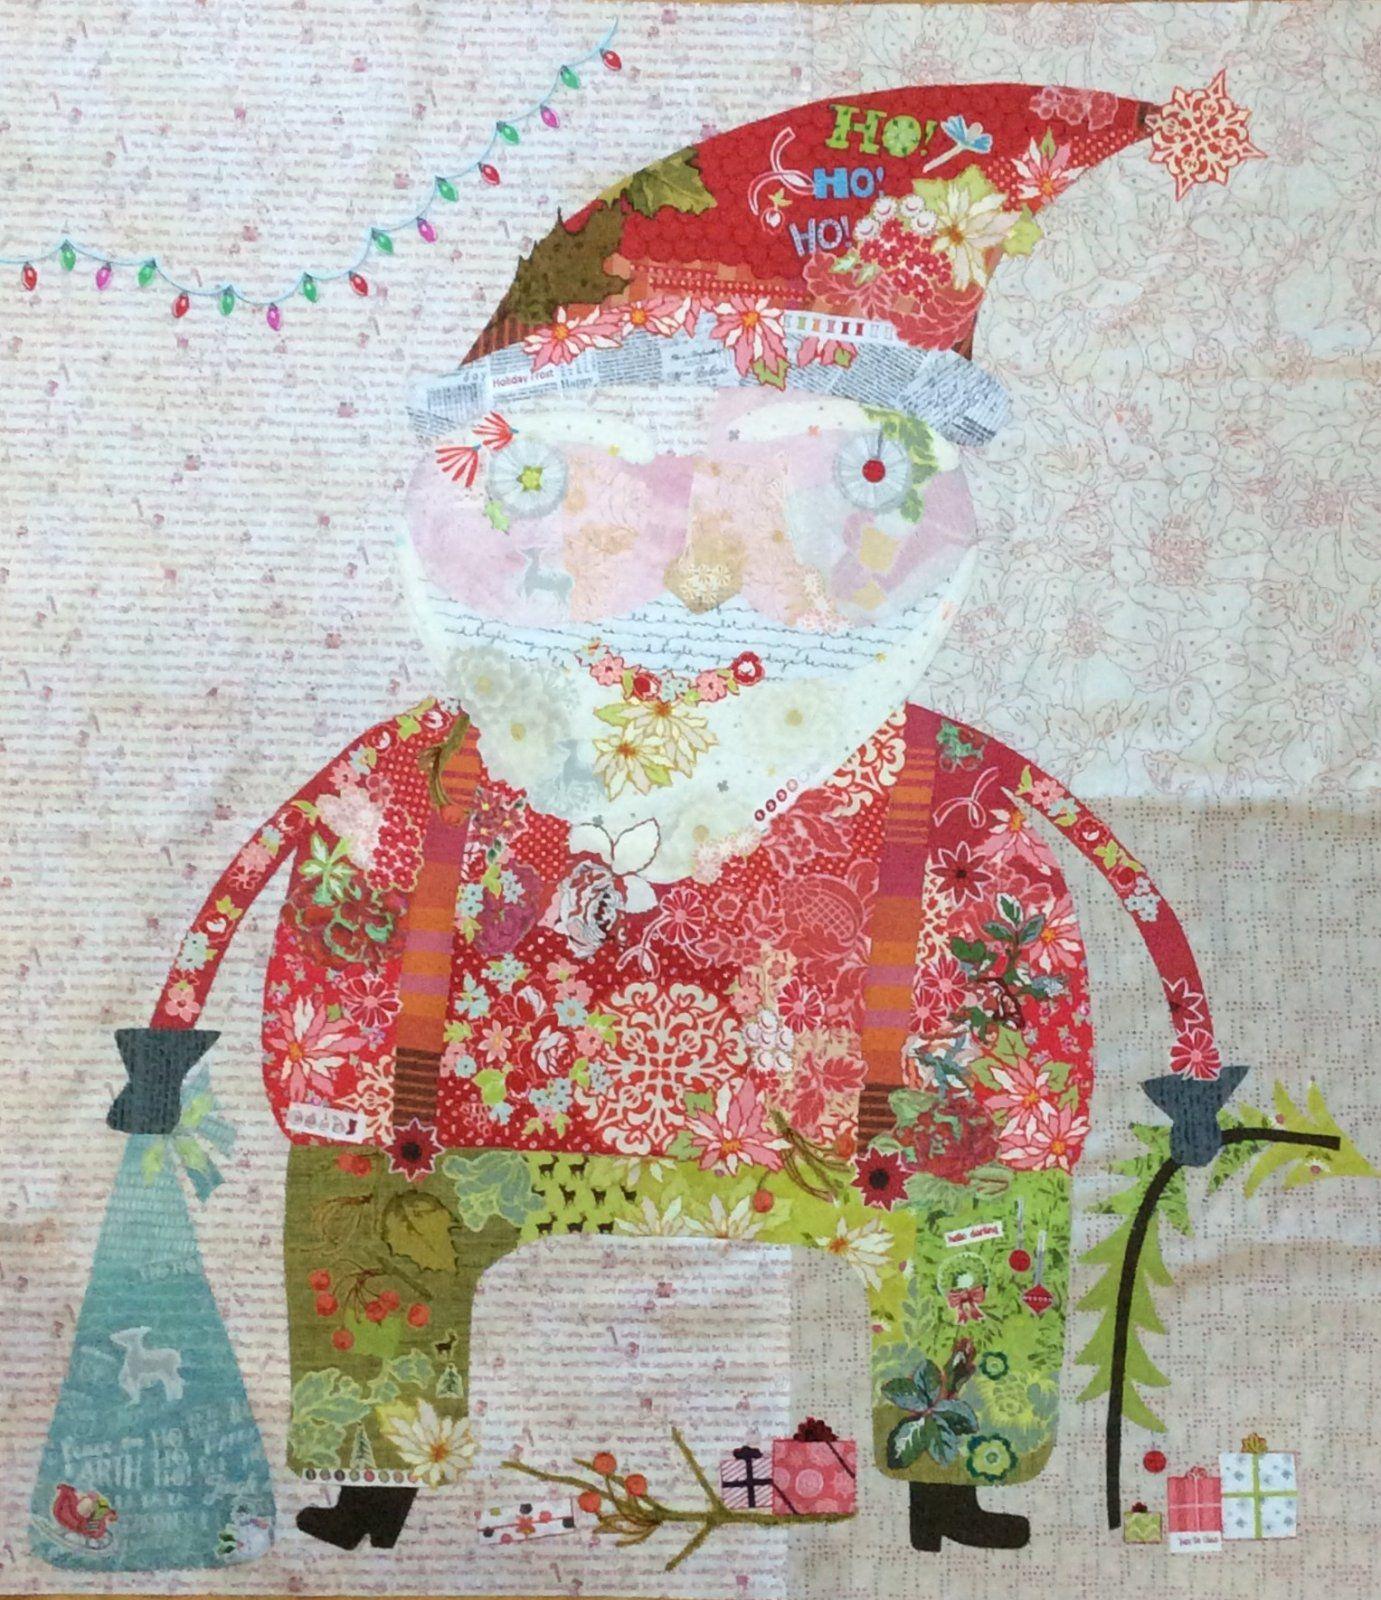 Nick Santa Collage Kit By Laura Heine Laura Heine